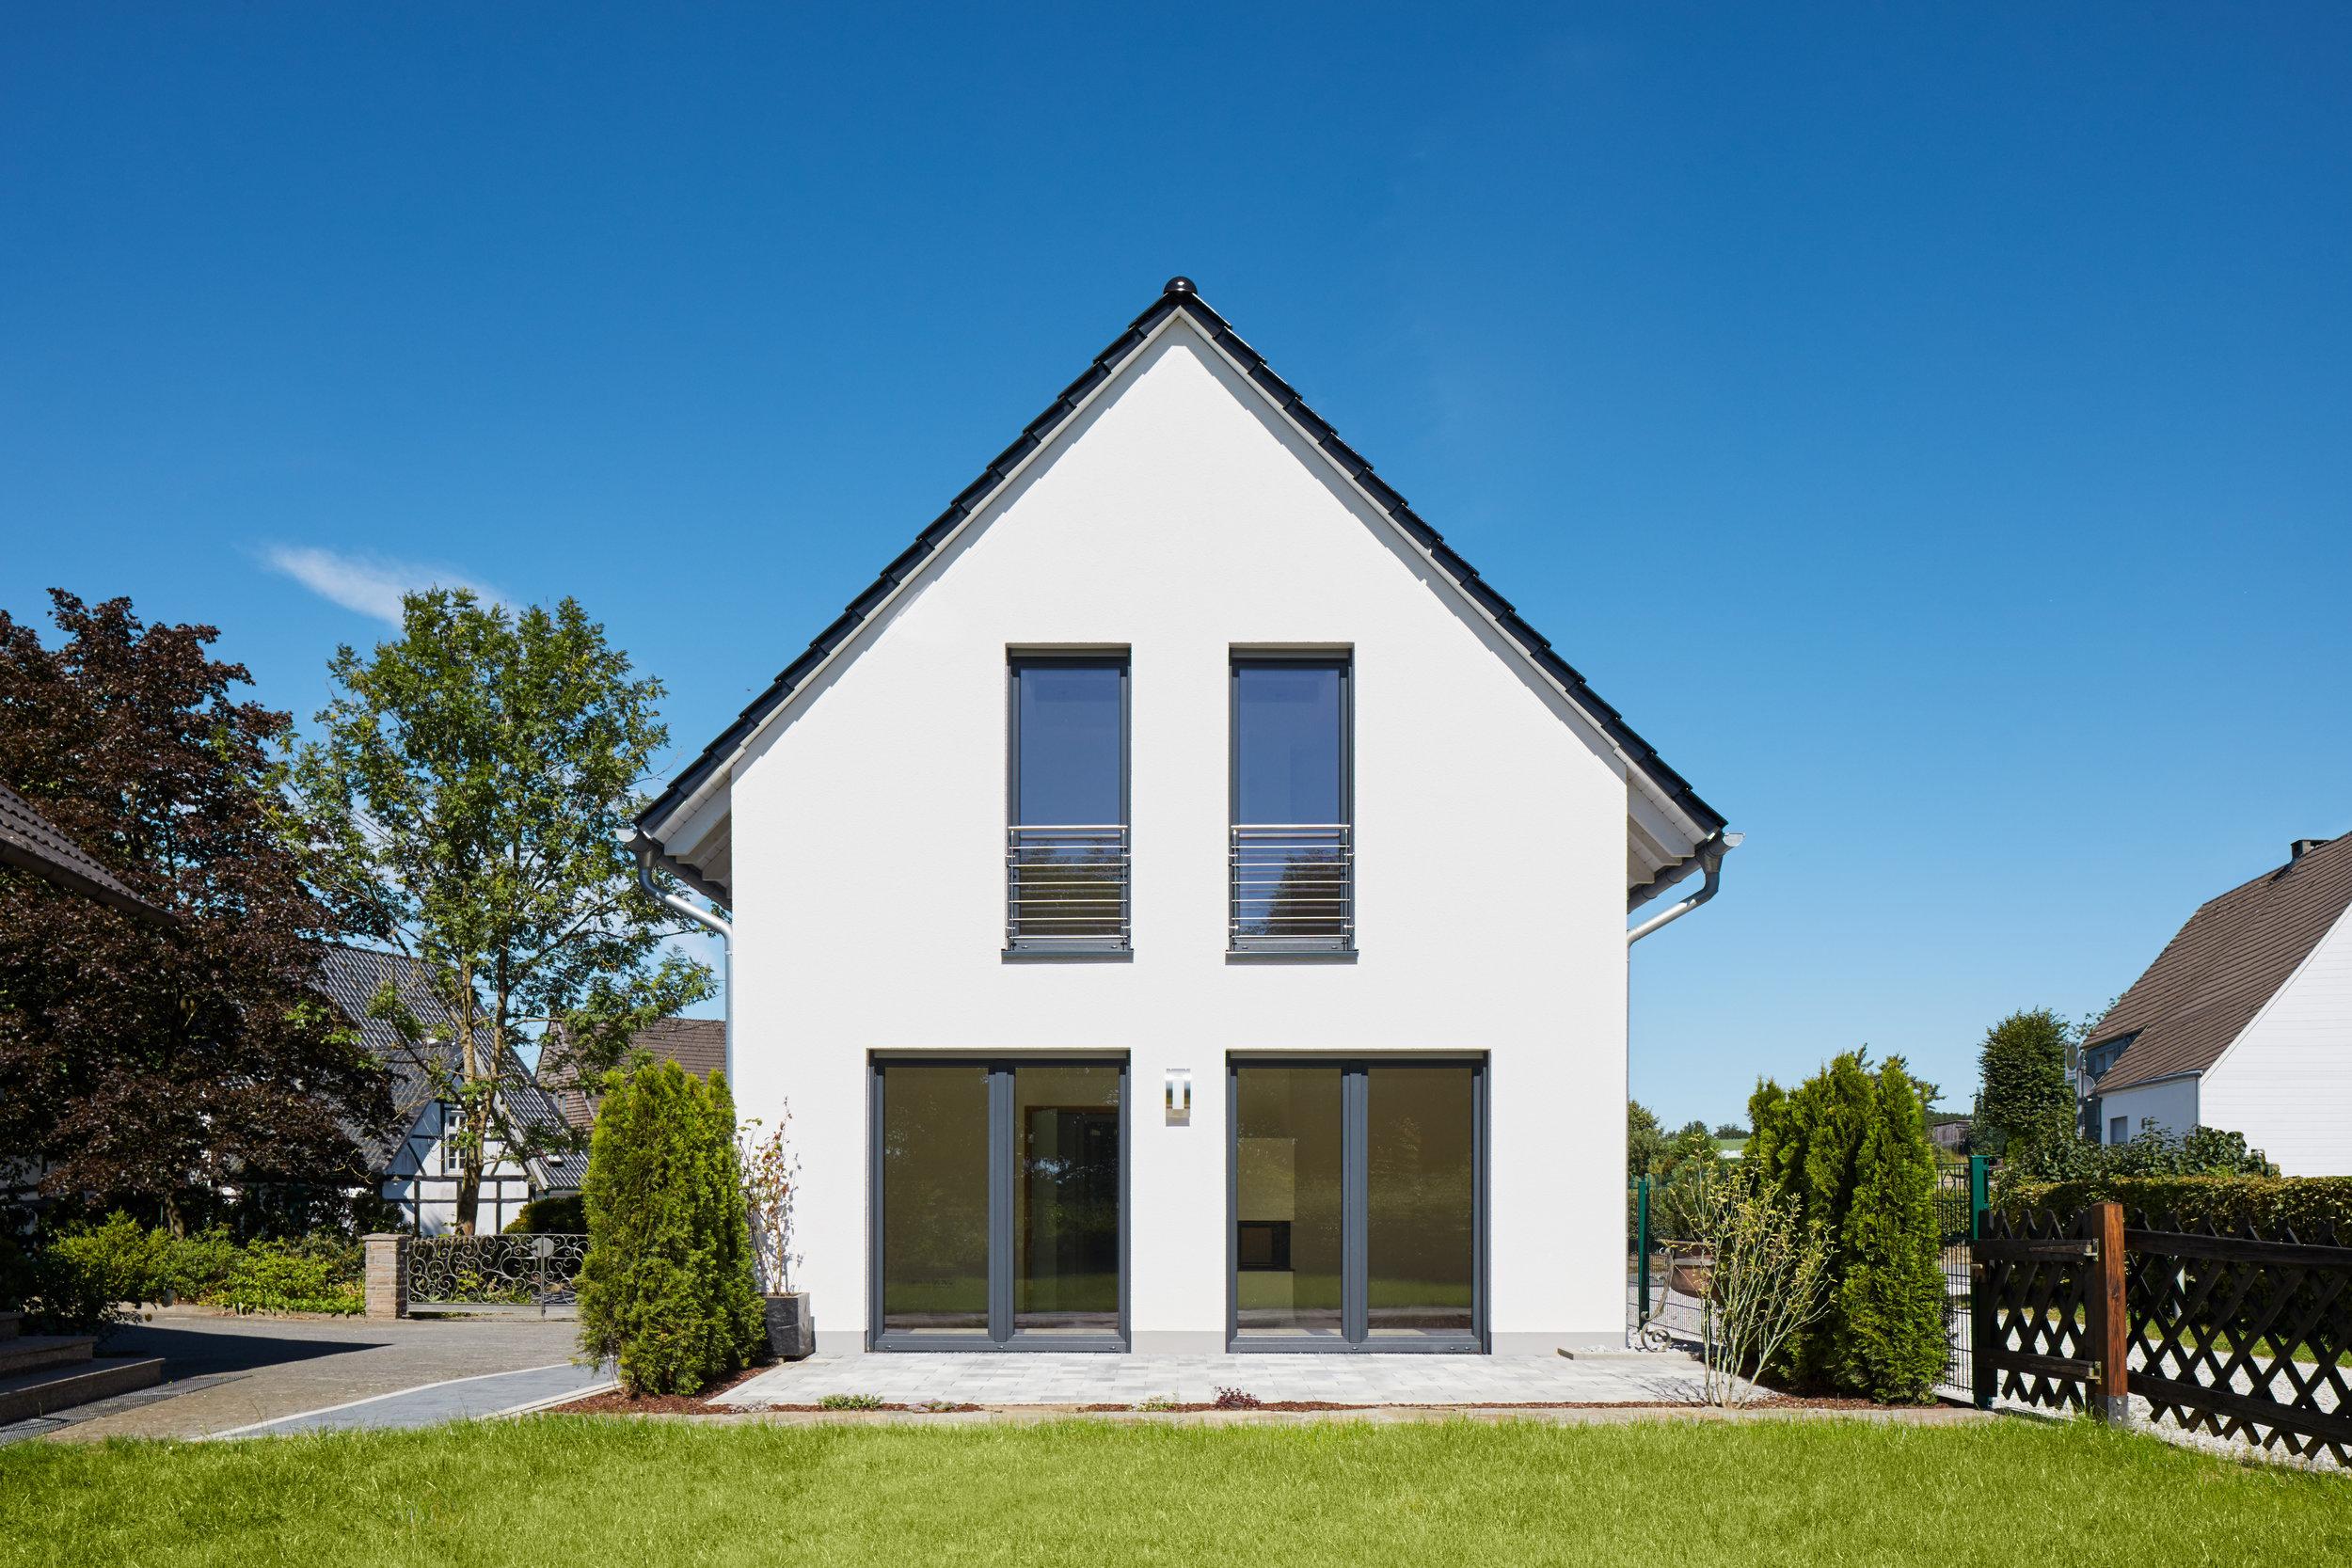 Einfamilienhaus-barrierefrei 14.jpg